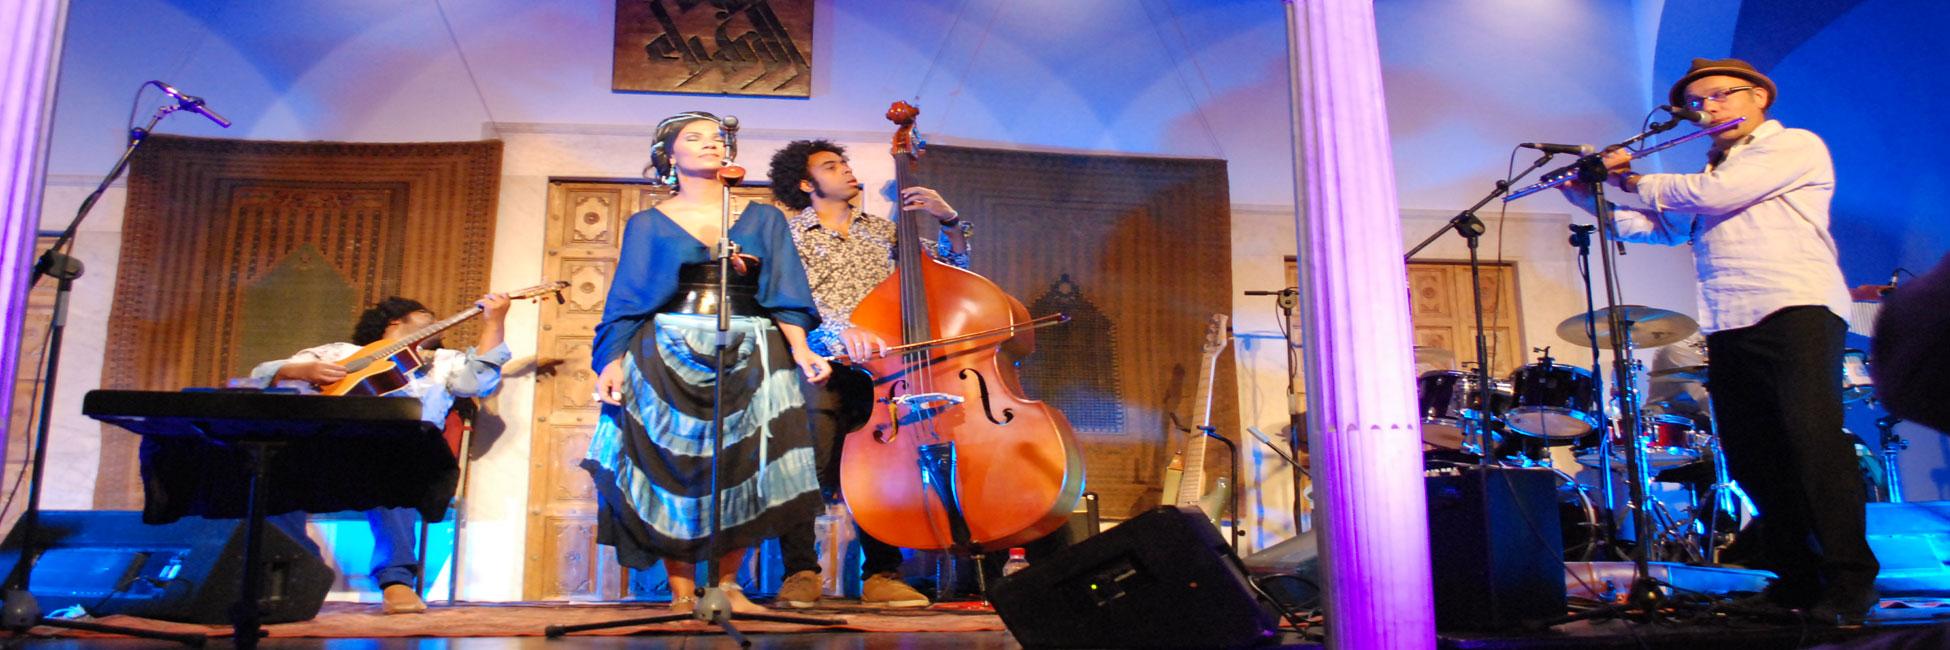 Oum - Chants sahraouis, groove jazz et soul